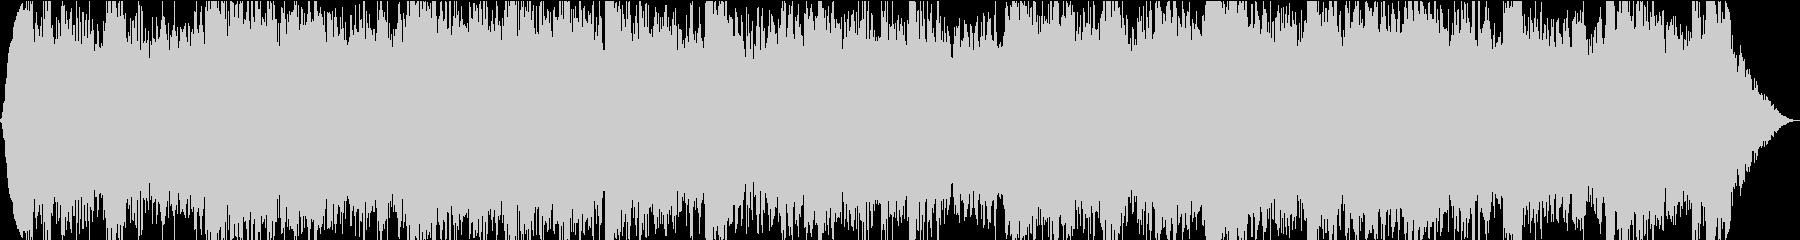 ドラムレスのアンビエントの未再生の波形